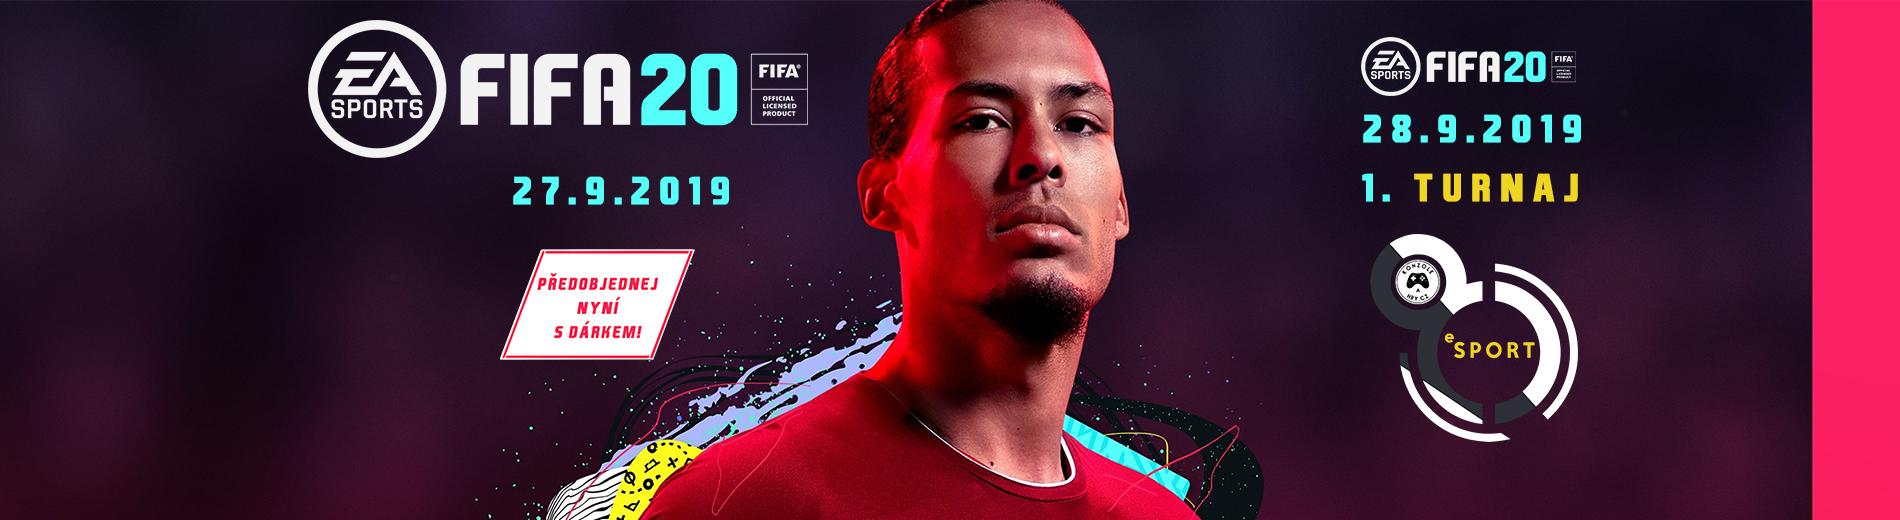 Turnaj FIFA 20 a představení eSport haly